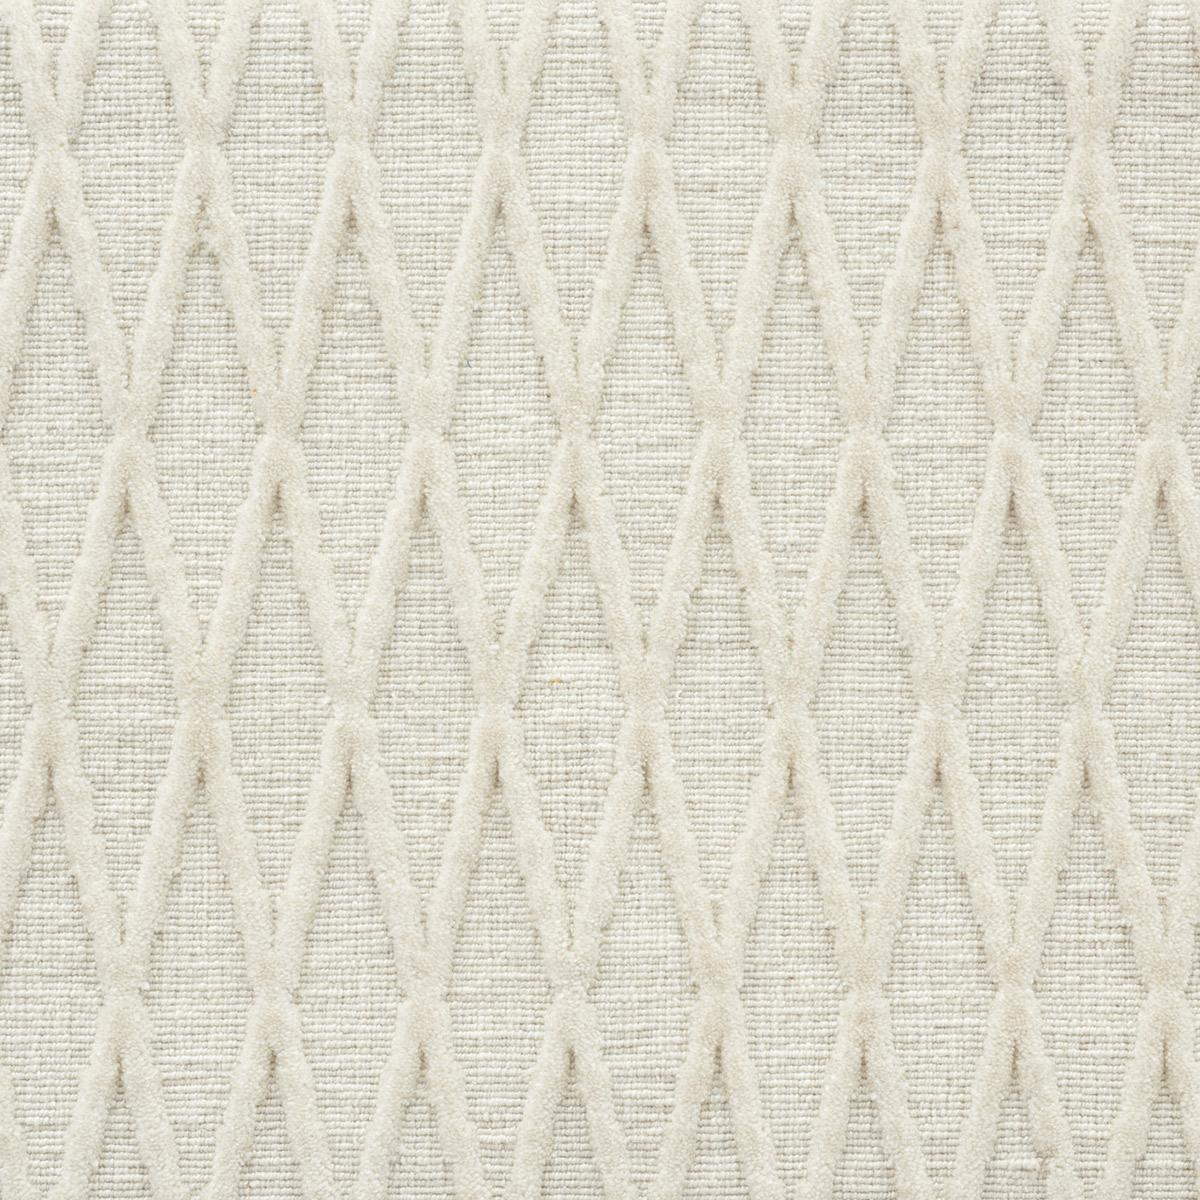 malina-vine_wool-faux-silk_broadloom_patterson-flynn-martin_pfm